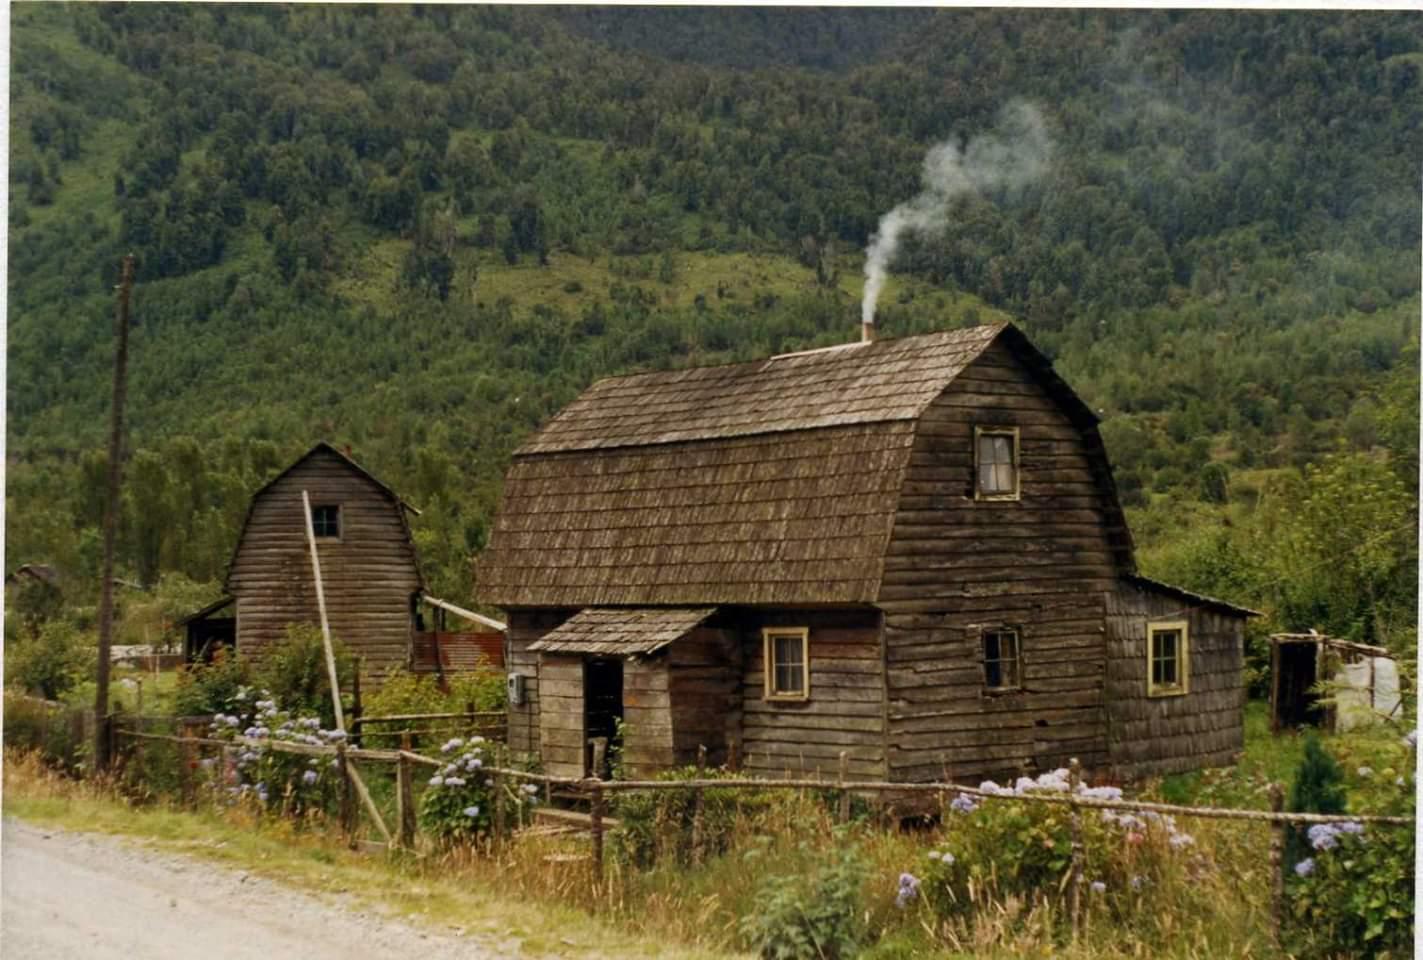 Casas antiguas colonos Puyuhuapi